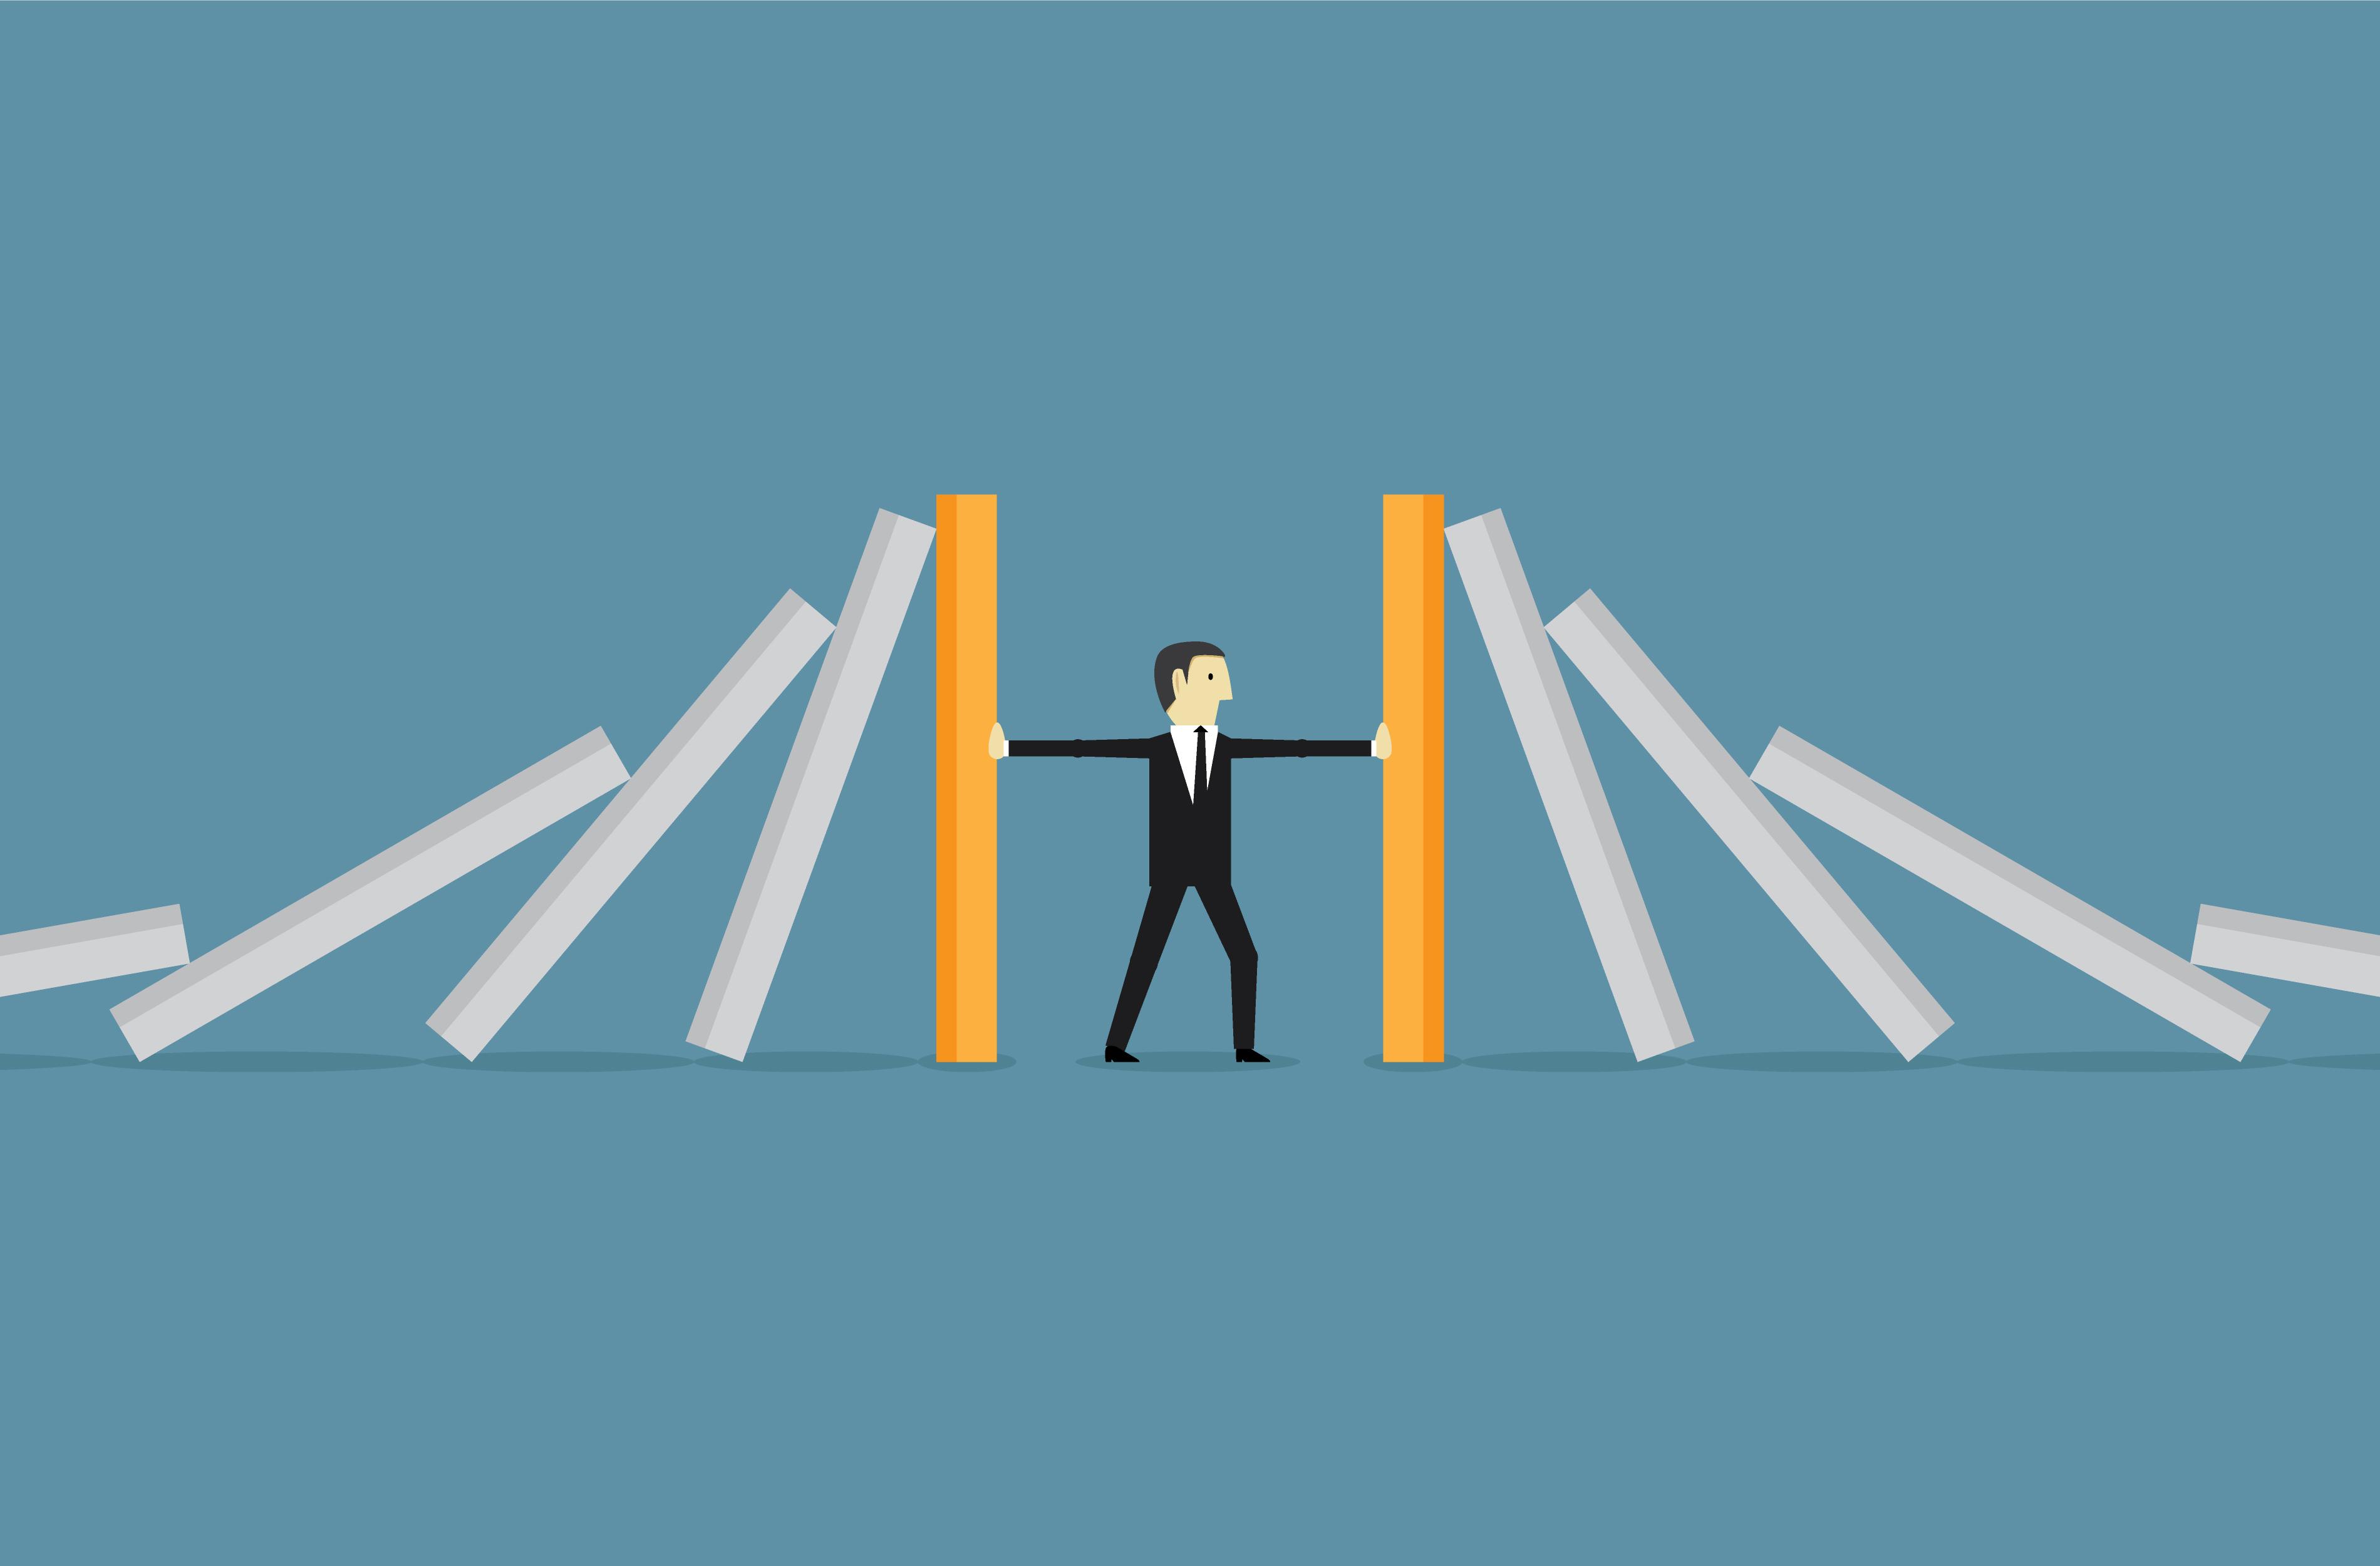 Majoritatea companiilor au obligații bugetare neachitate